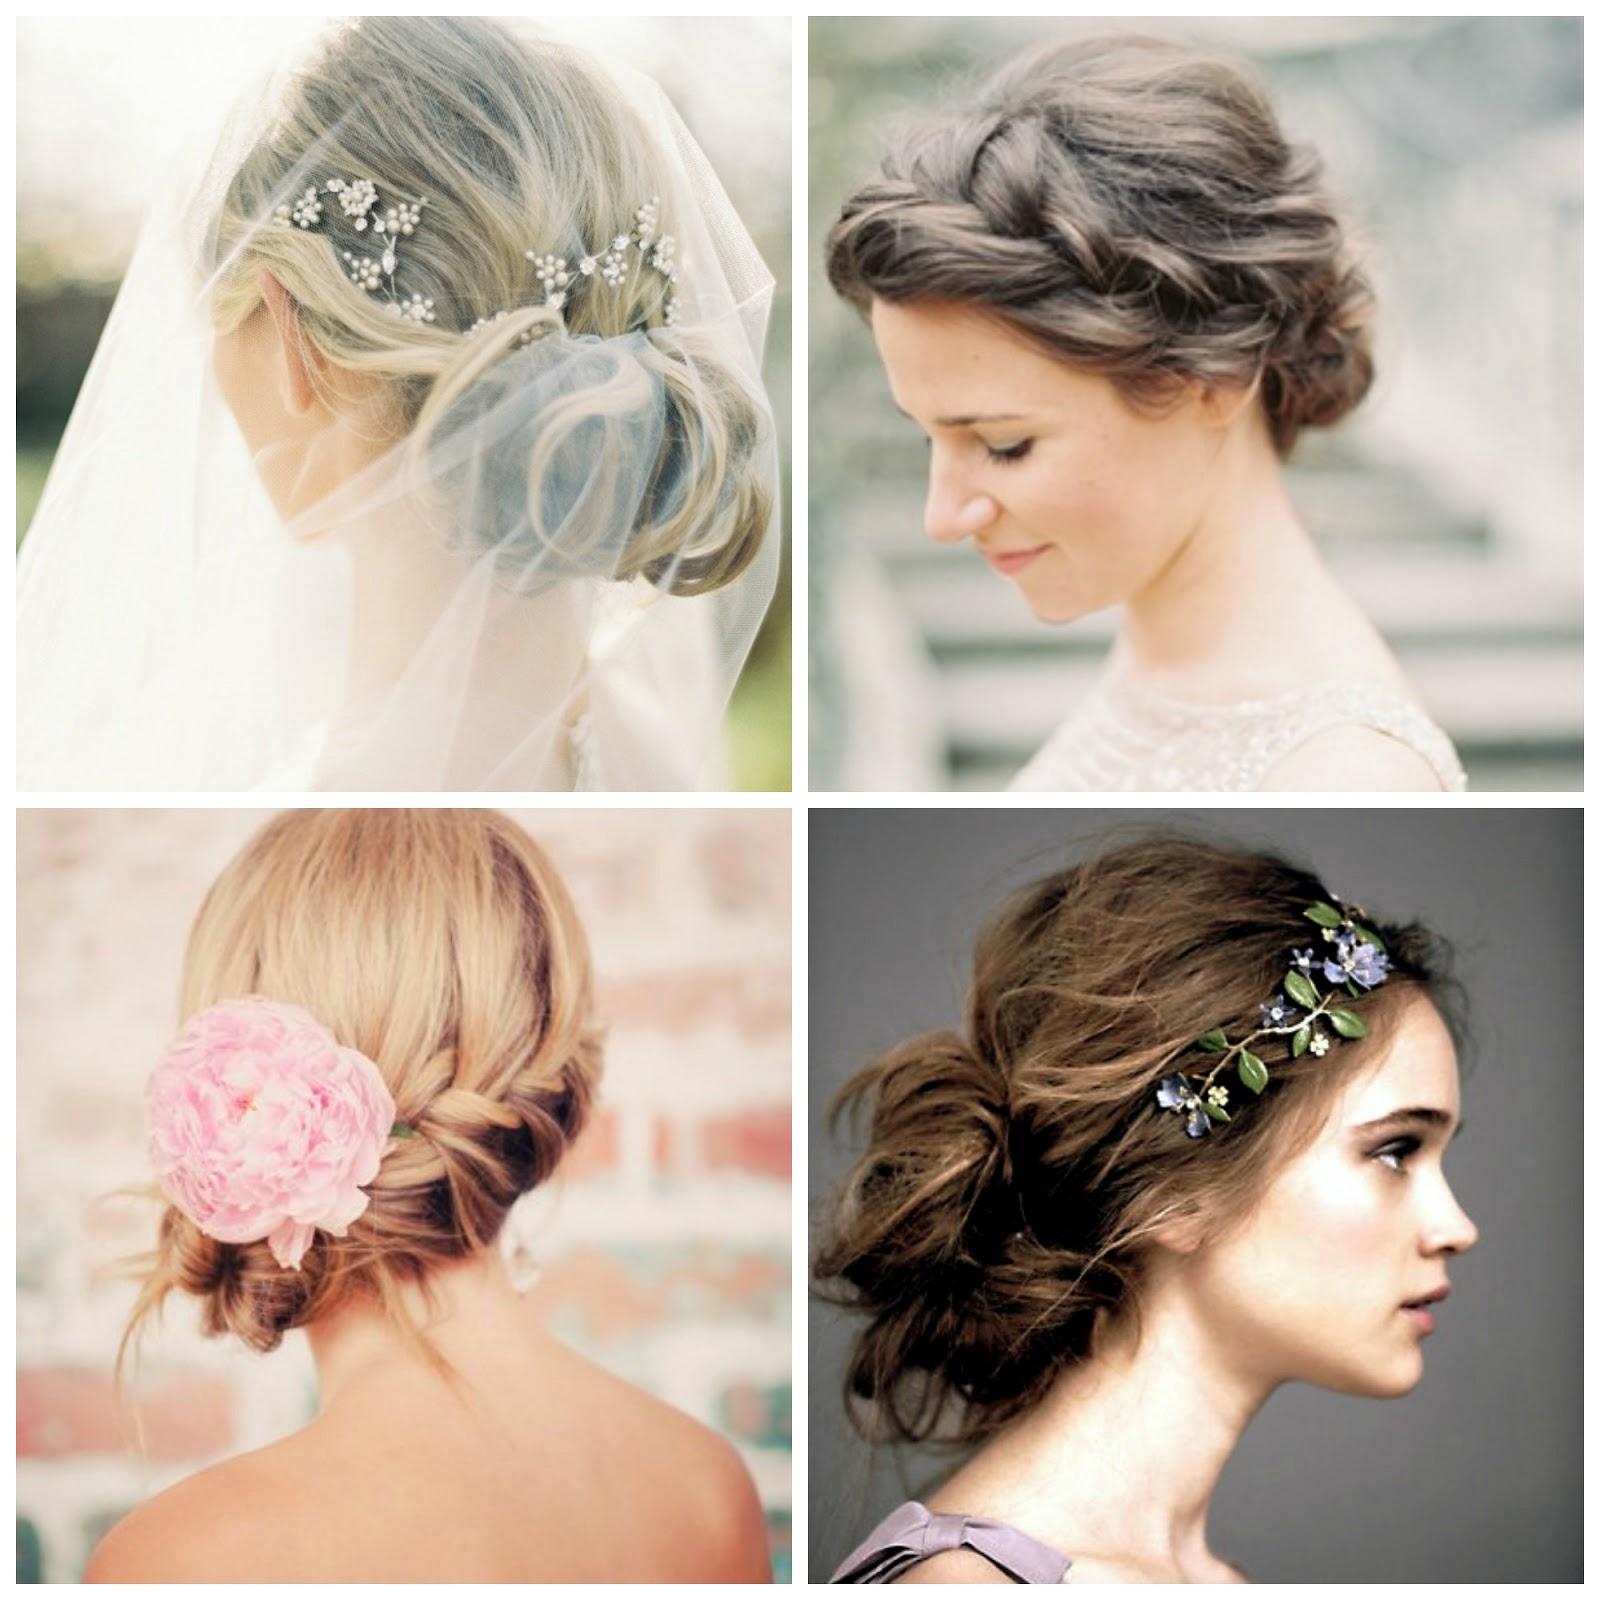 Peinados de novia con flores naturales Los más chic [FOTOS] Ella Hoy - Flores Naturales Para Peinados